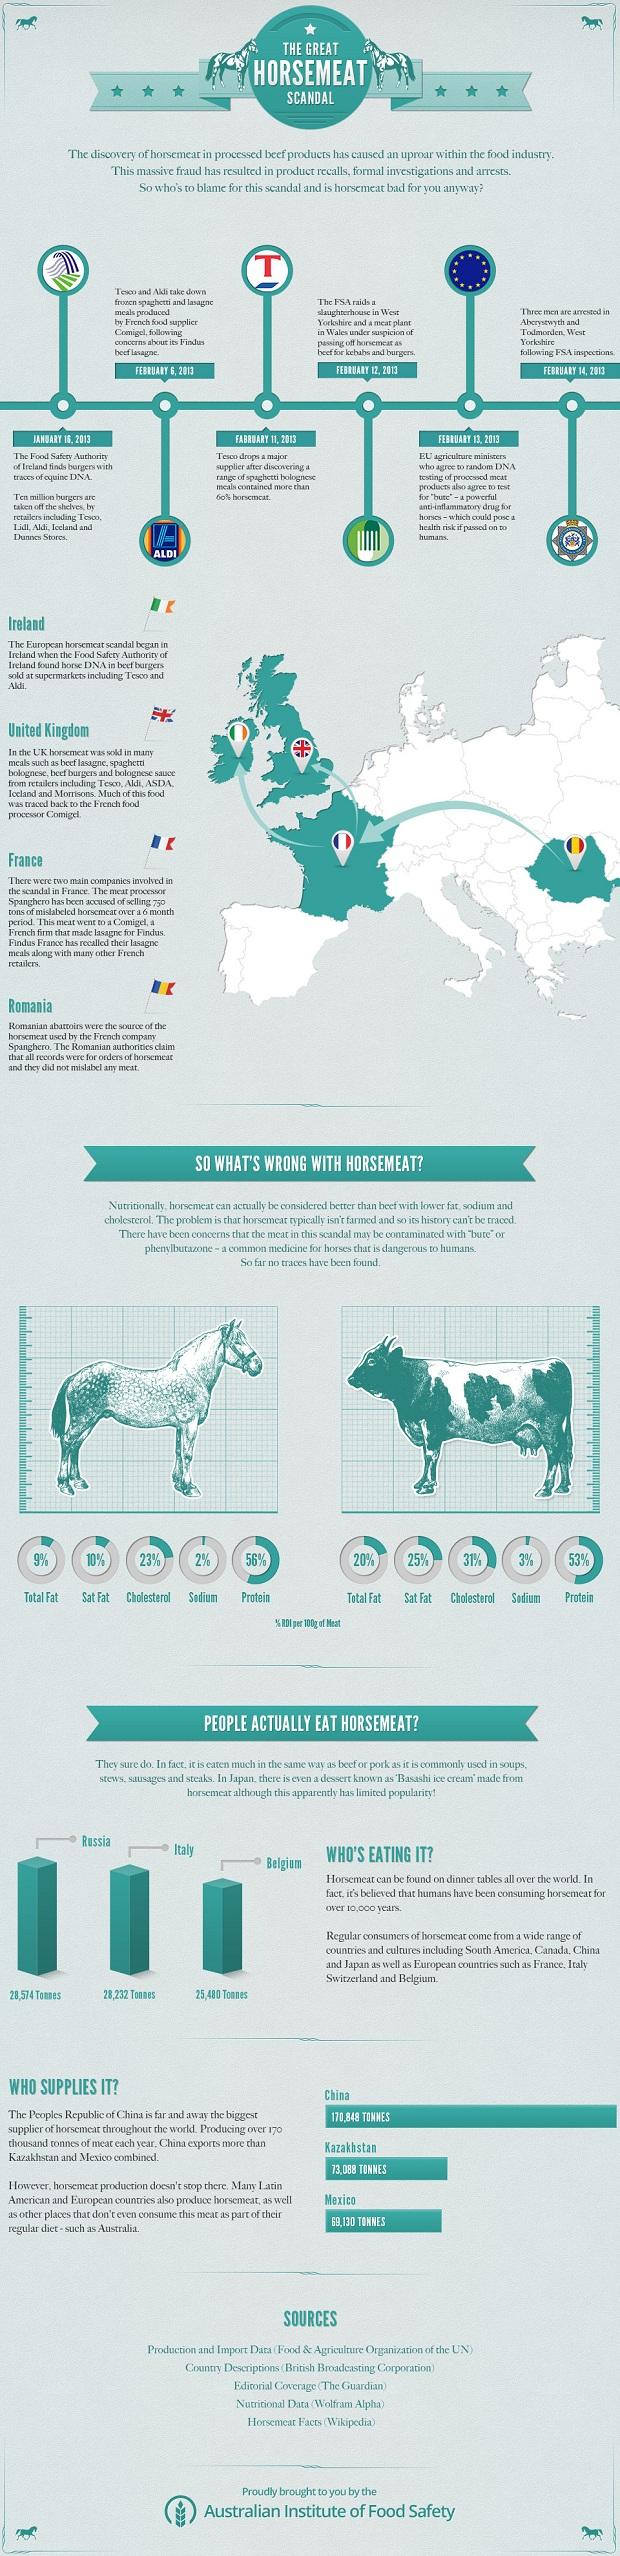 carne cavallo, grafico